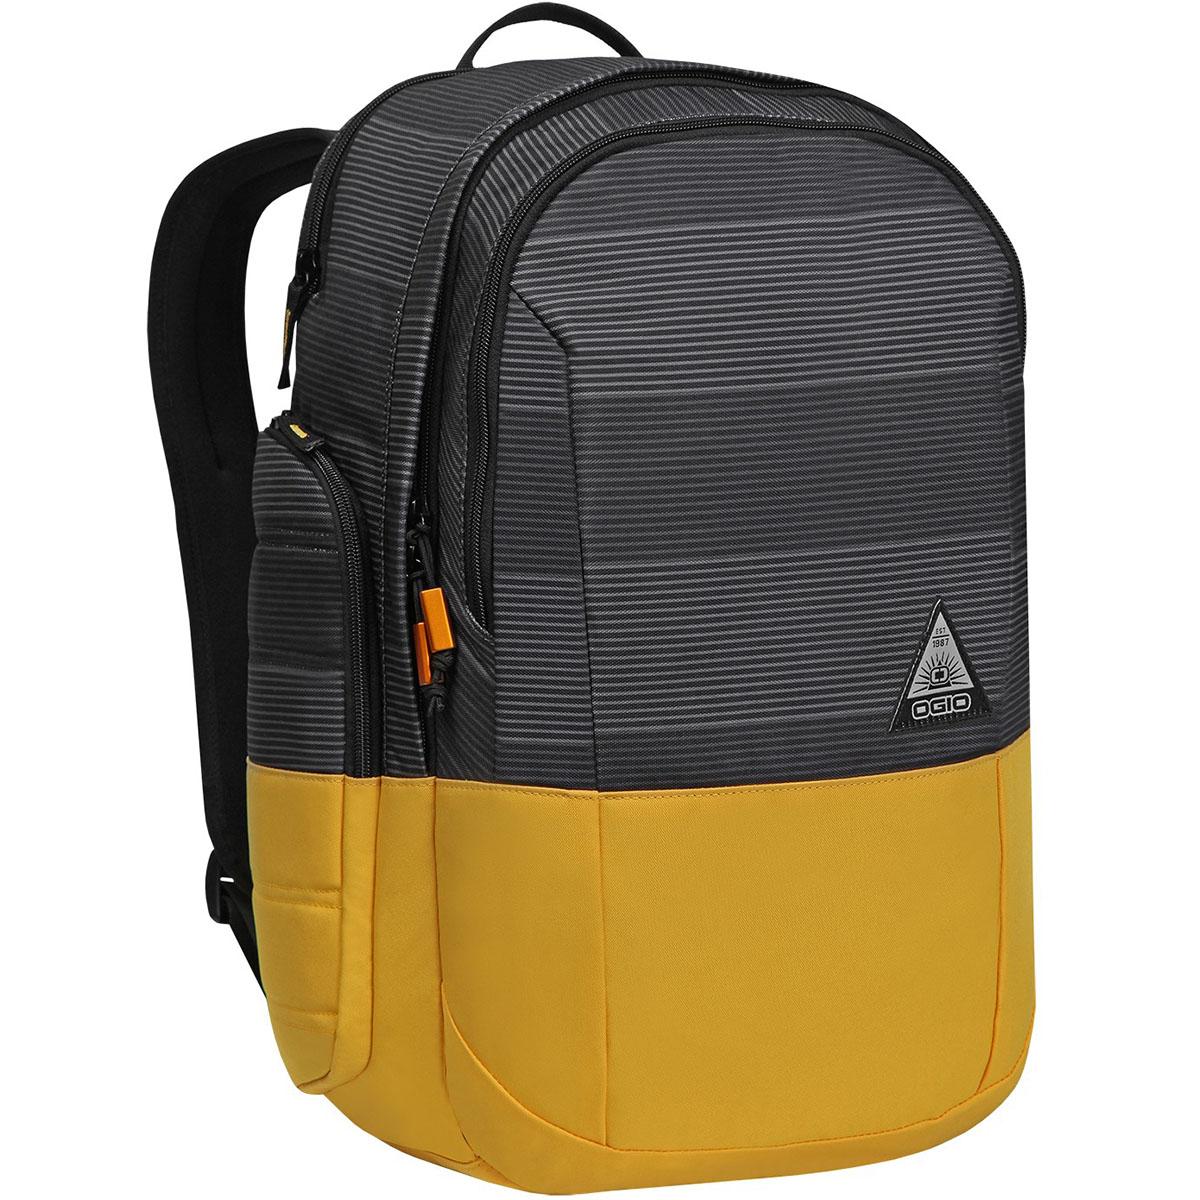 Рюкзак городской OGIO Urban. Clark Pack (A/S), цвет: горчичный, серый. 031652227002BACKPACK-KEDSСтильный и в то же время функциональный рюкзак от Ogio. Имеются специализированные отсеки для ноутбука и планшета, которые позволят Вам не переживать за сохранность техники. Большое основное отделение вместит все необходимые вещи, а внешние боковые карманы на молнии помогут всегда держать необходимые аксессуары поблизости.